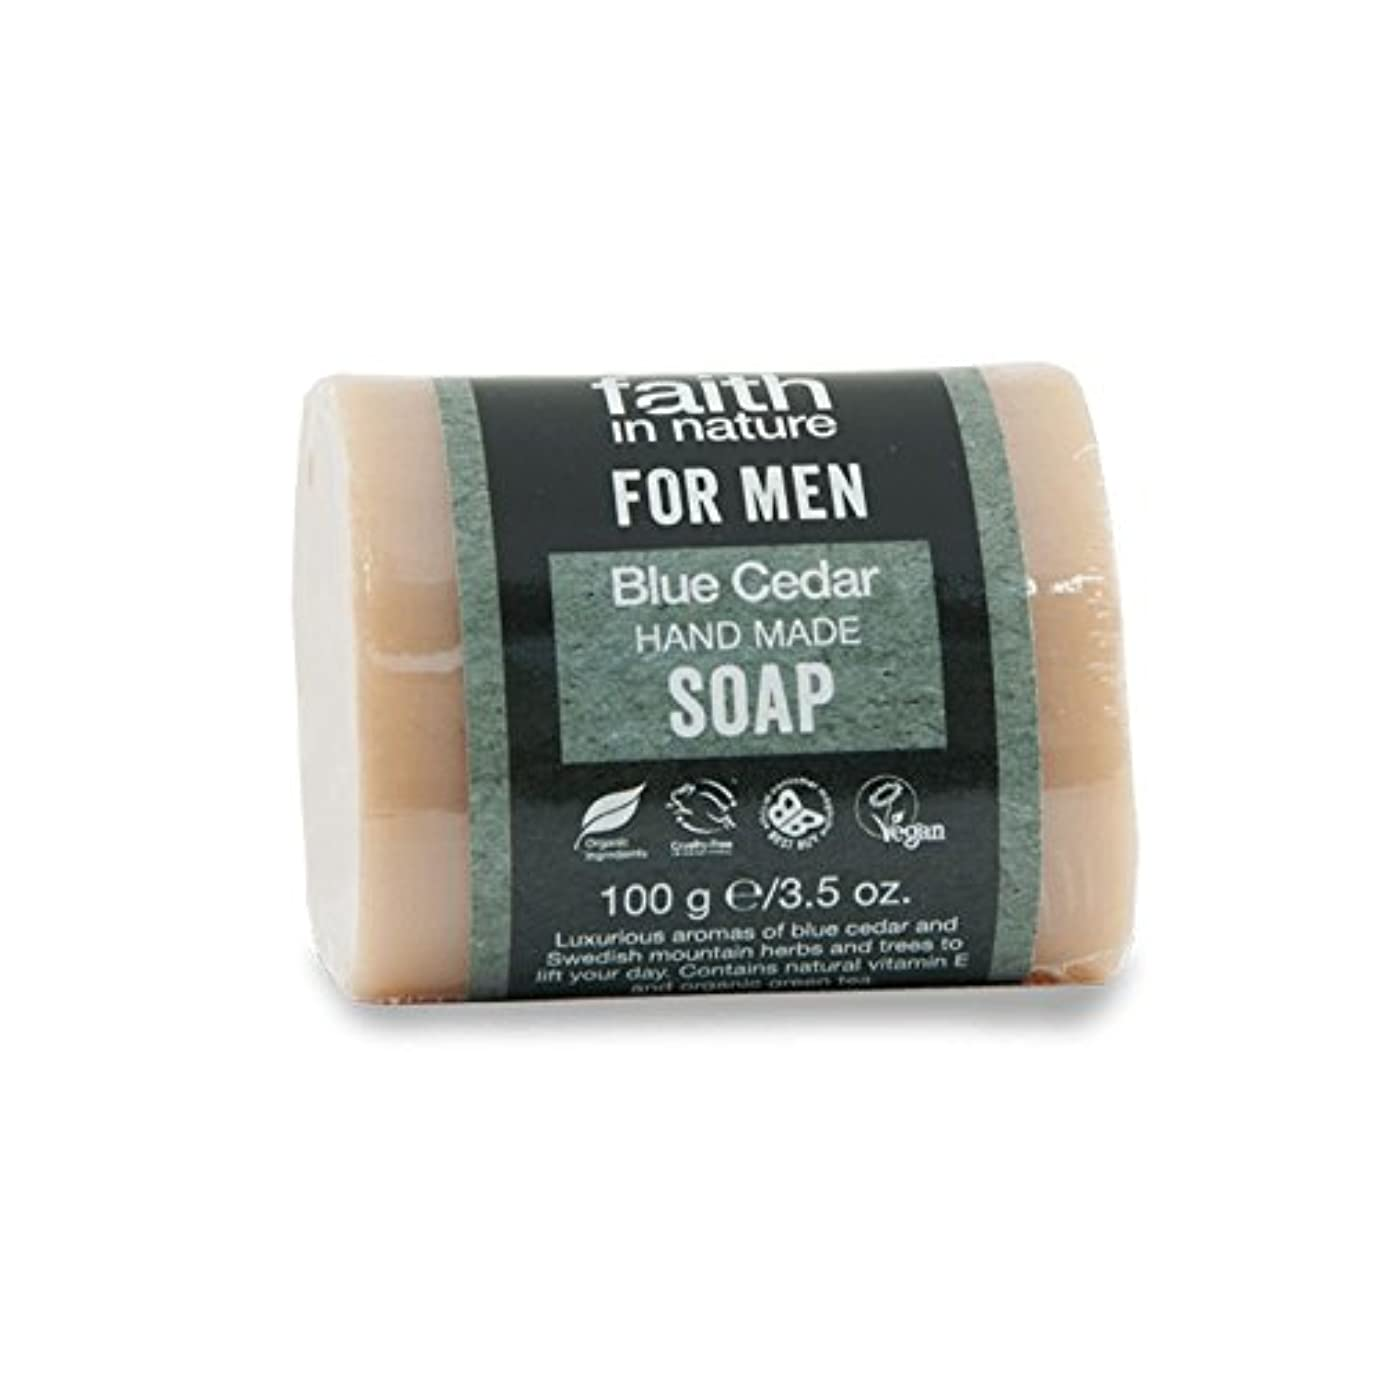 モジュール降臨希望に満ちた男性青杉の石鹸100グラムのための自然の中で信仰 - Faith in Nature for Men Blue Cedar Soap 100g (Faith in Nature) [並行輸入品]